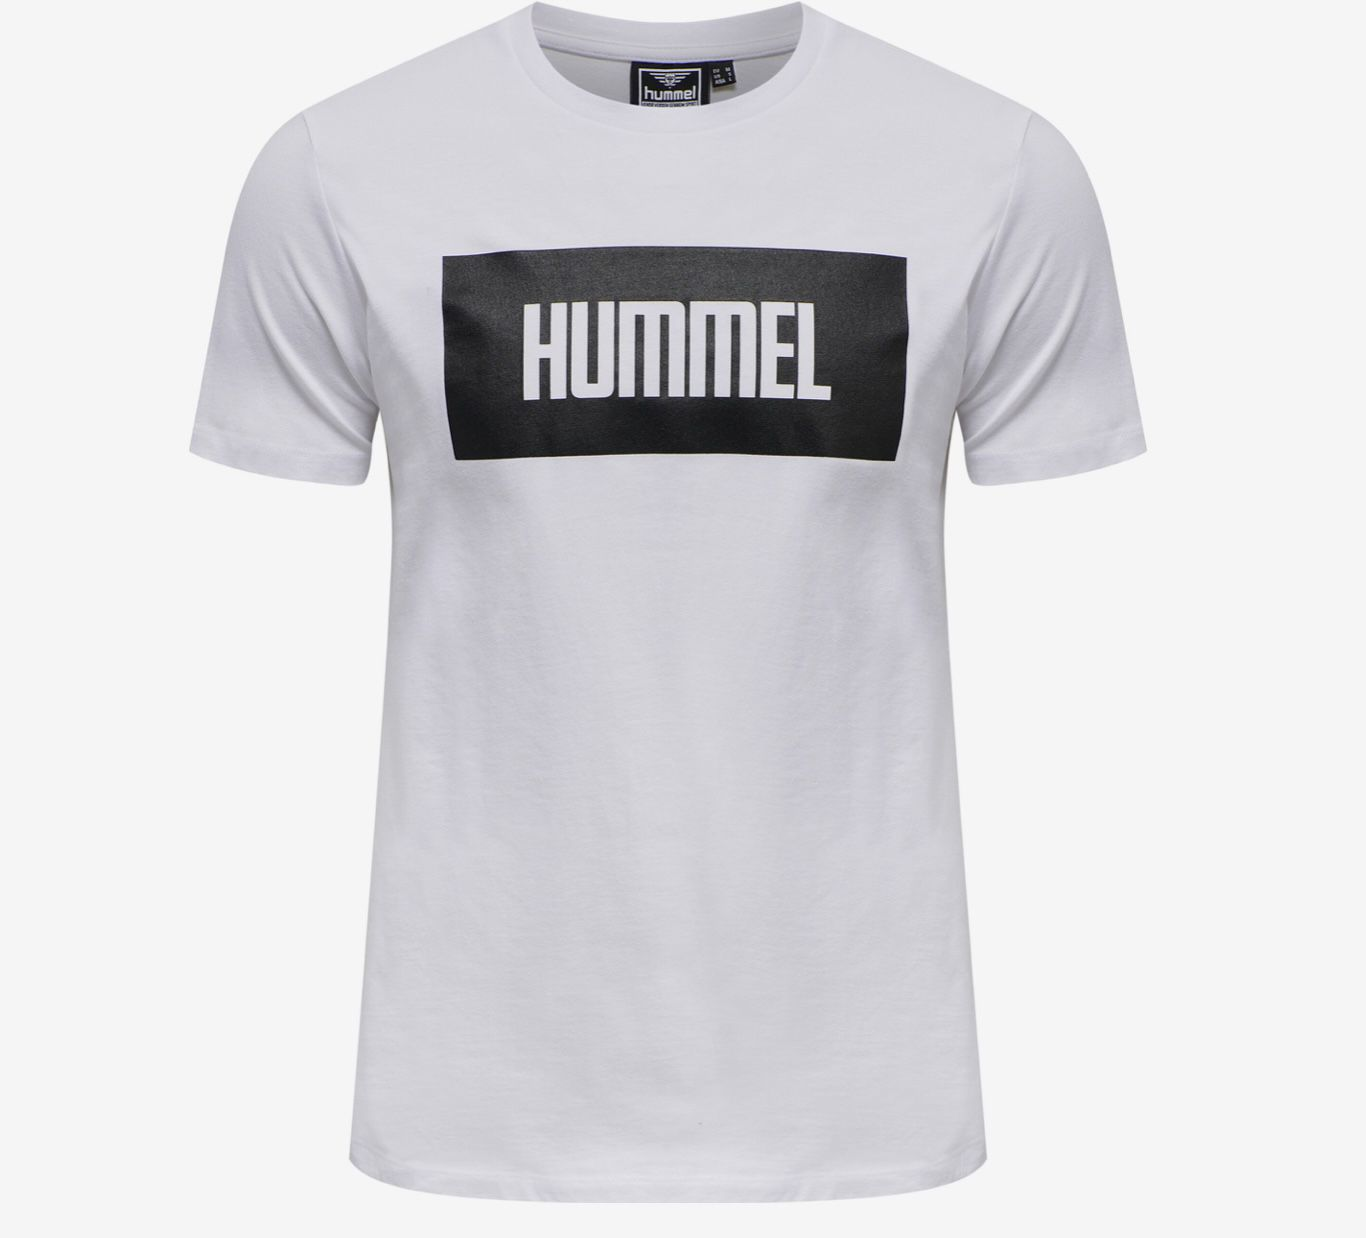 Hummel T Shirts 2er Pack in Schwarz/Weiß für 17,95€ (statt 38€)